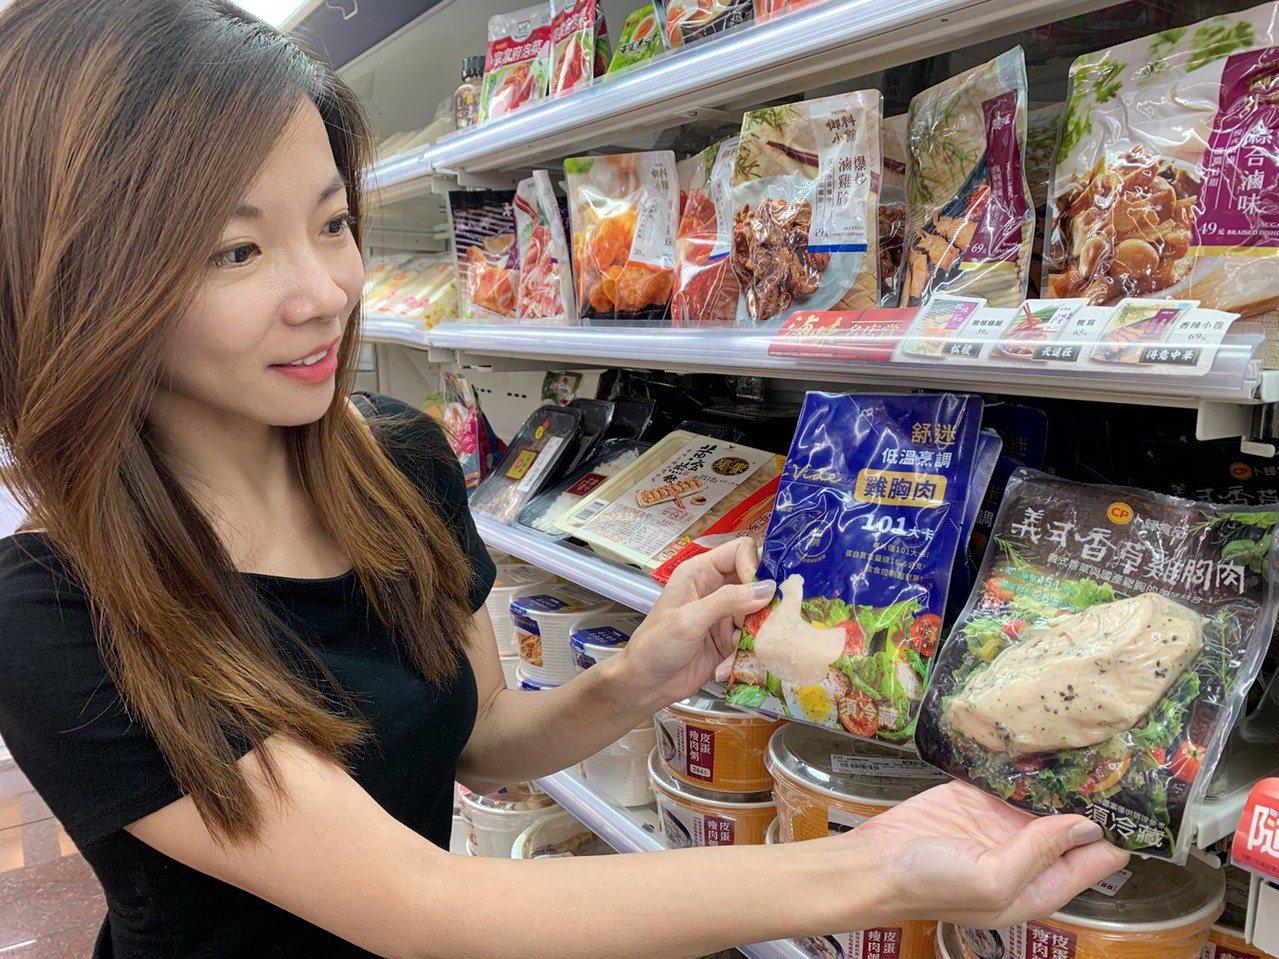 超商即食雞胸肉吸引想要吃得健康卻無法自行備餐的消費者。圖/7-ELEVEN提供